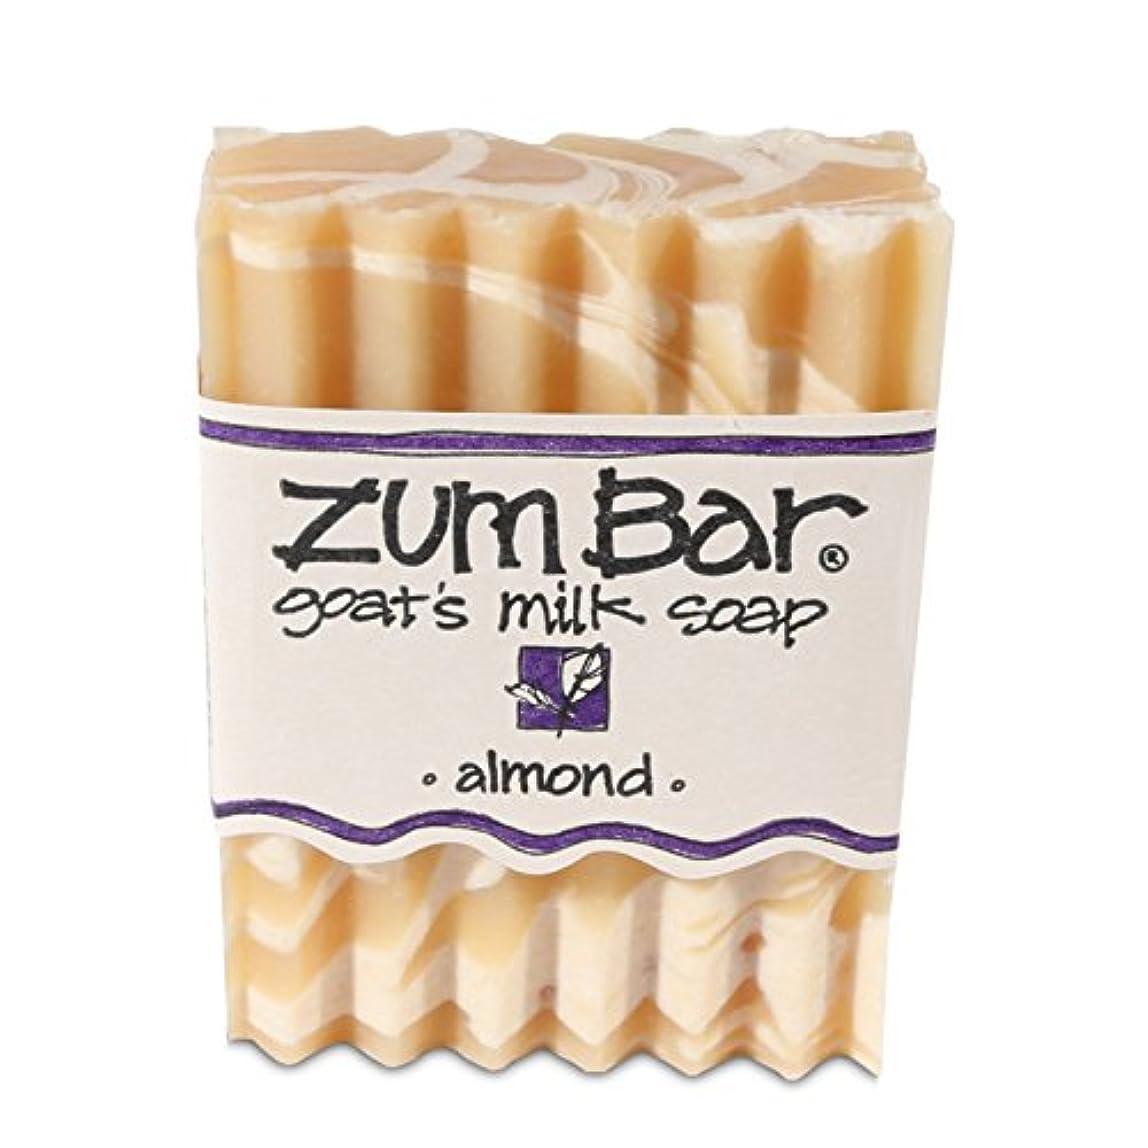 政治ホテル悪夢海外直送品 Indigo Wild, Zum Bar, Goat's ミルク ソープ アーモンド , 3 Ounces (2個セット) (Almond) [並行輸入品]